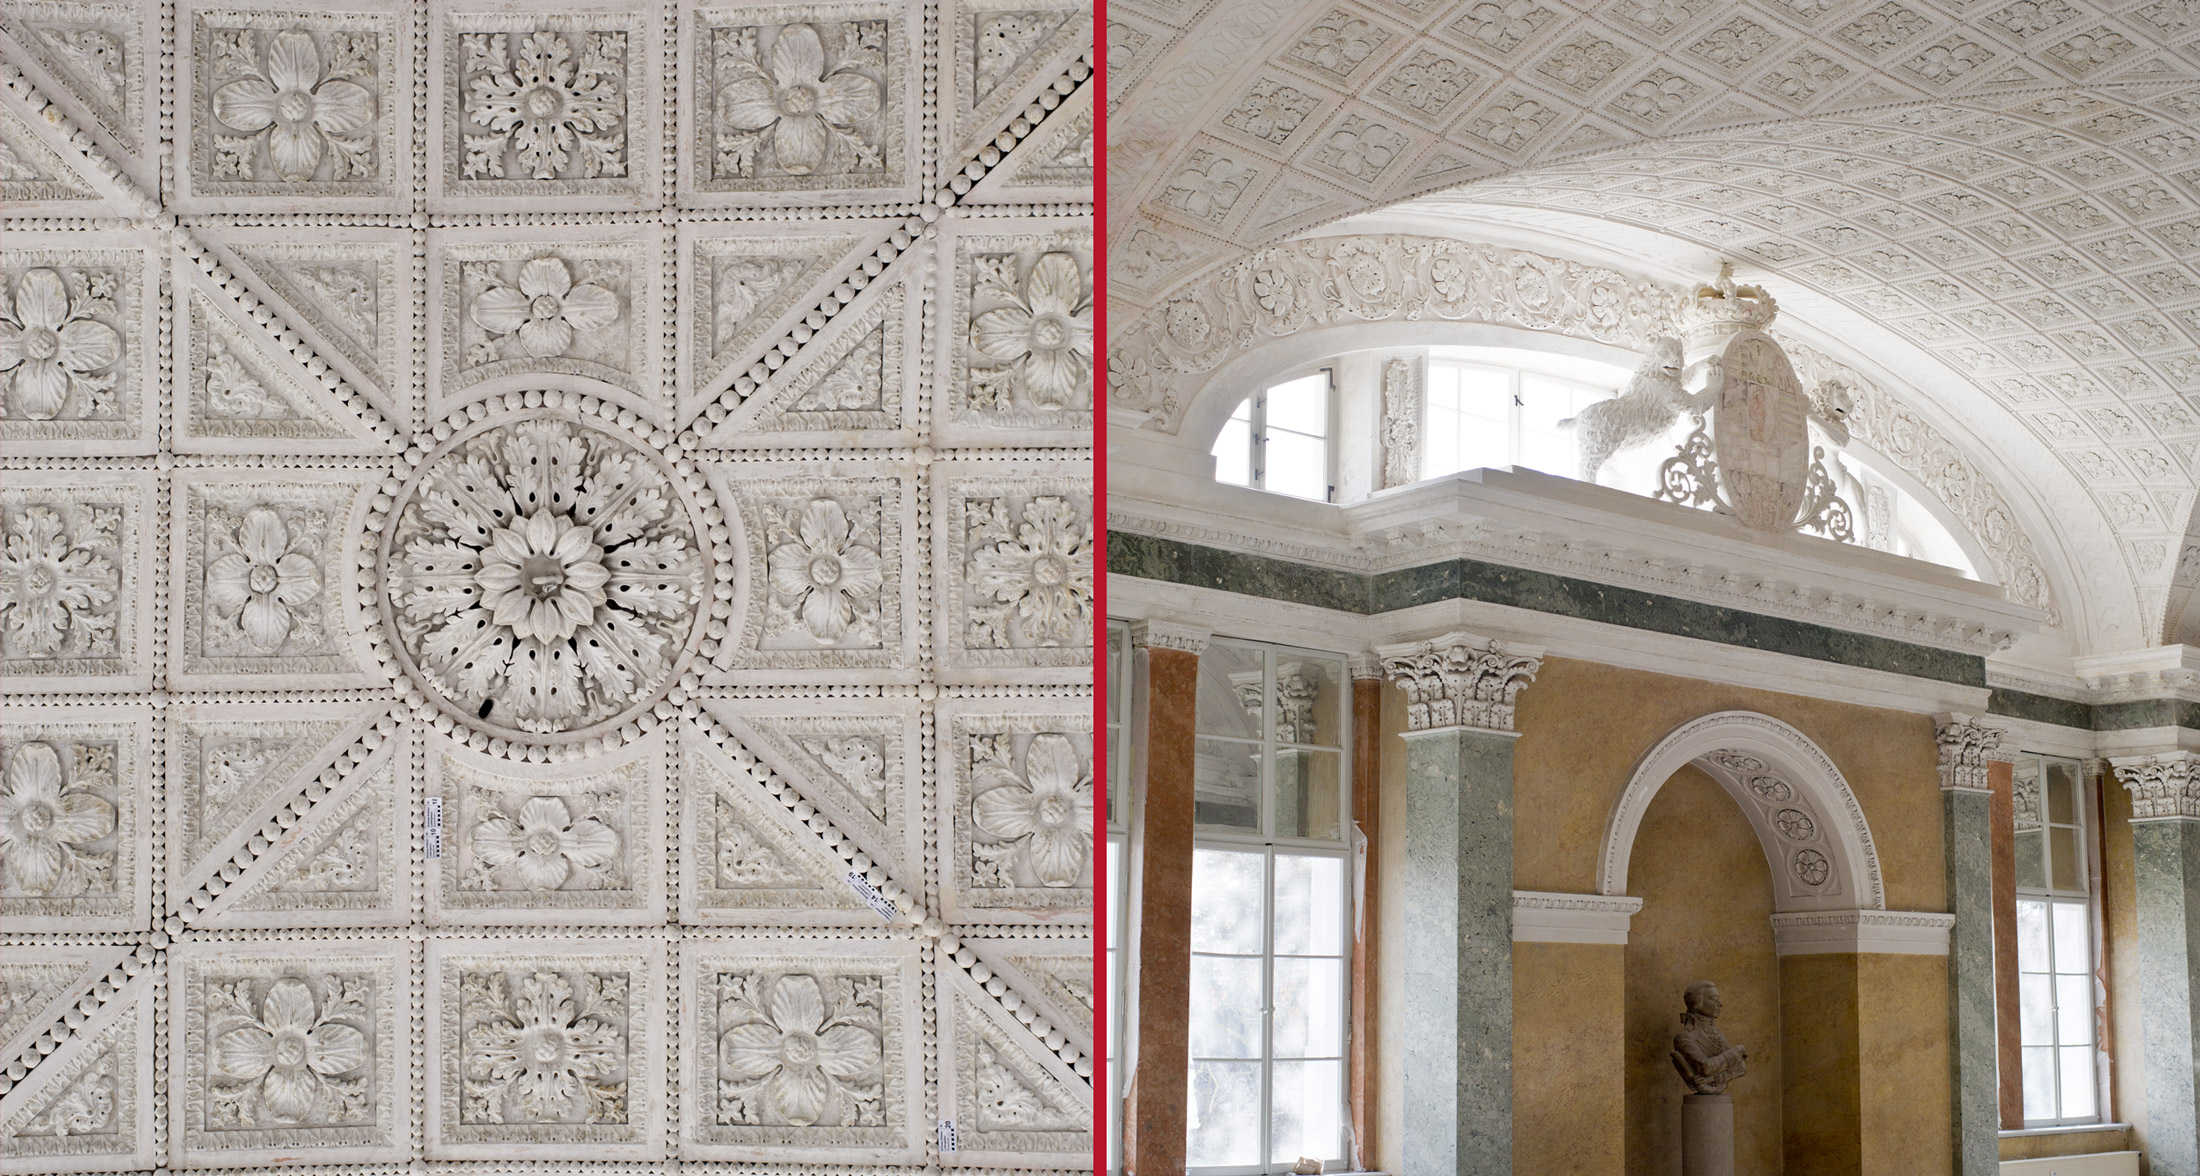 Zentrales Gliederungselement der Decke (links) Mittelrisalit (rechts)